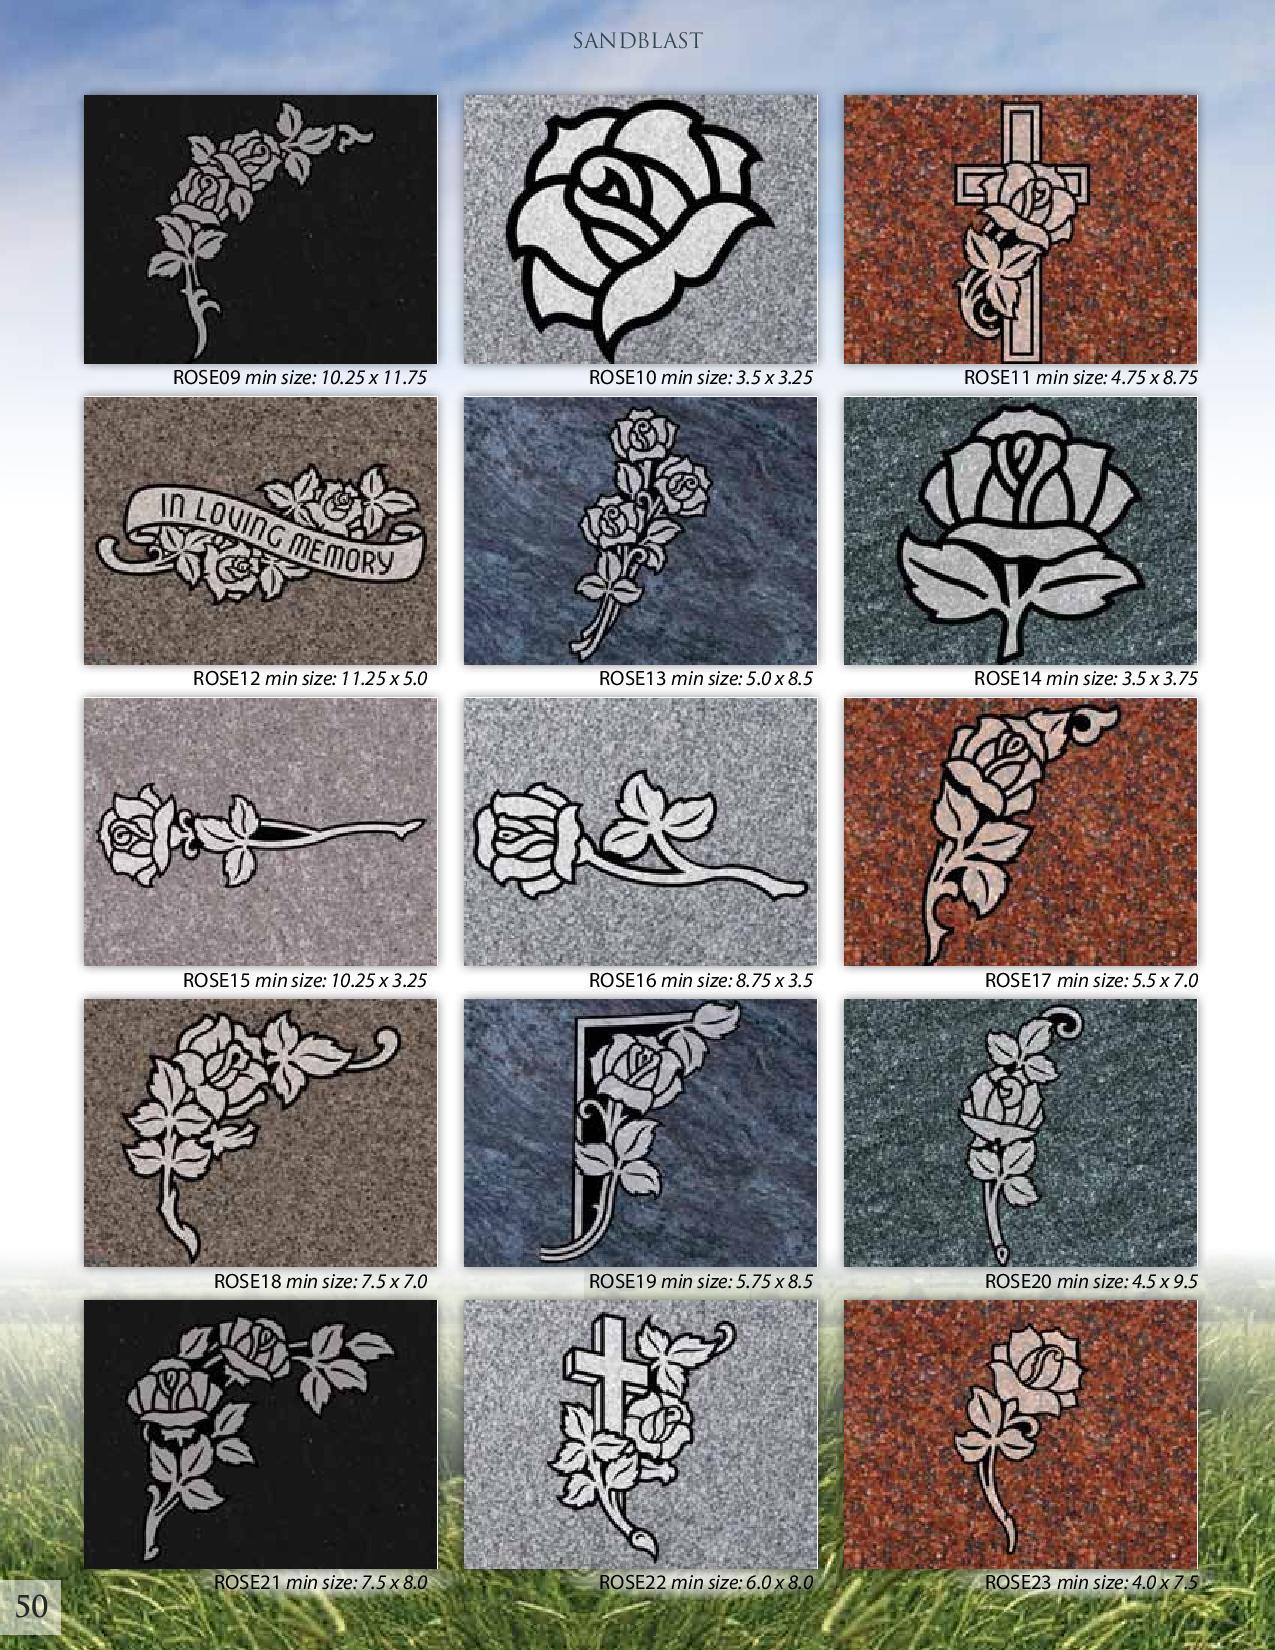 Sandblastcatalog 3915_selected-pages (1)-page-050.jpg